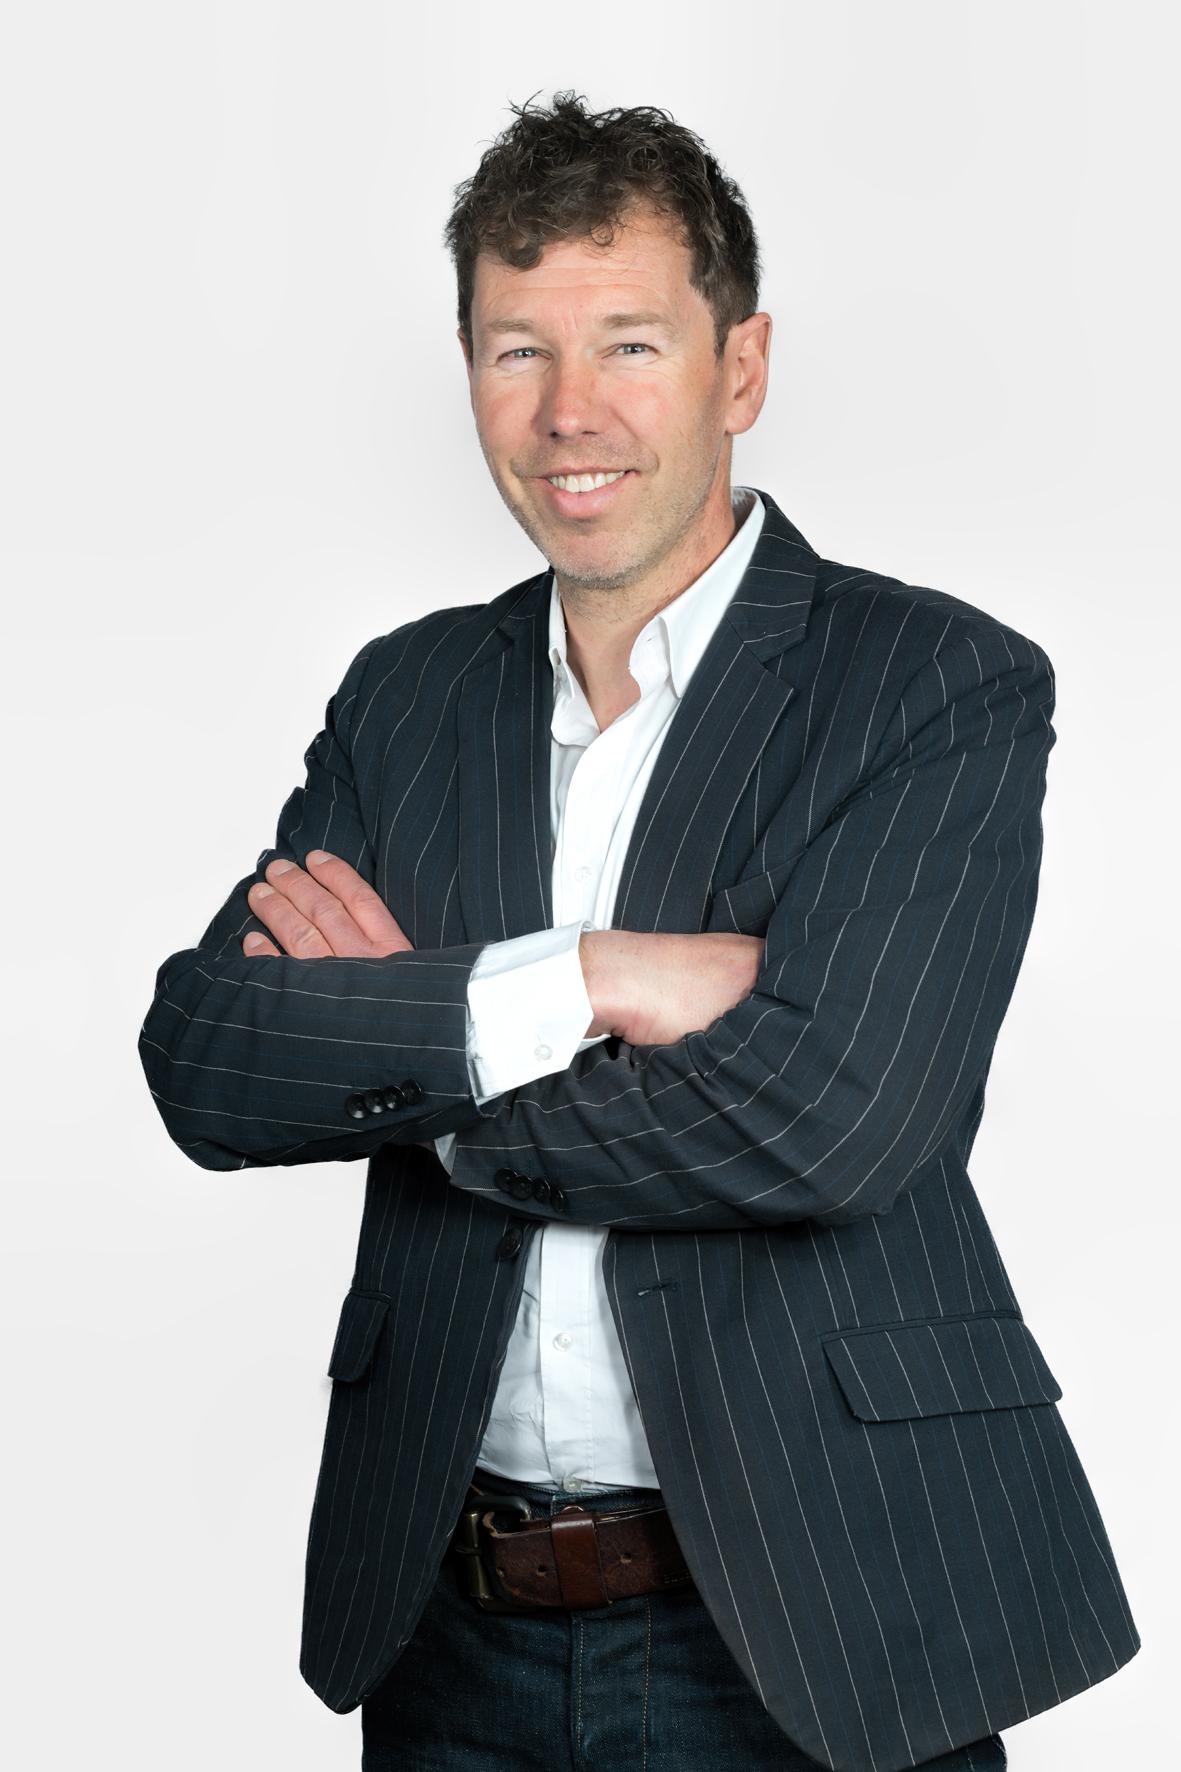 Matthias Hell, CEO of Bozzio Ltd